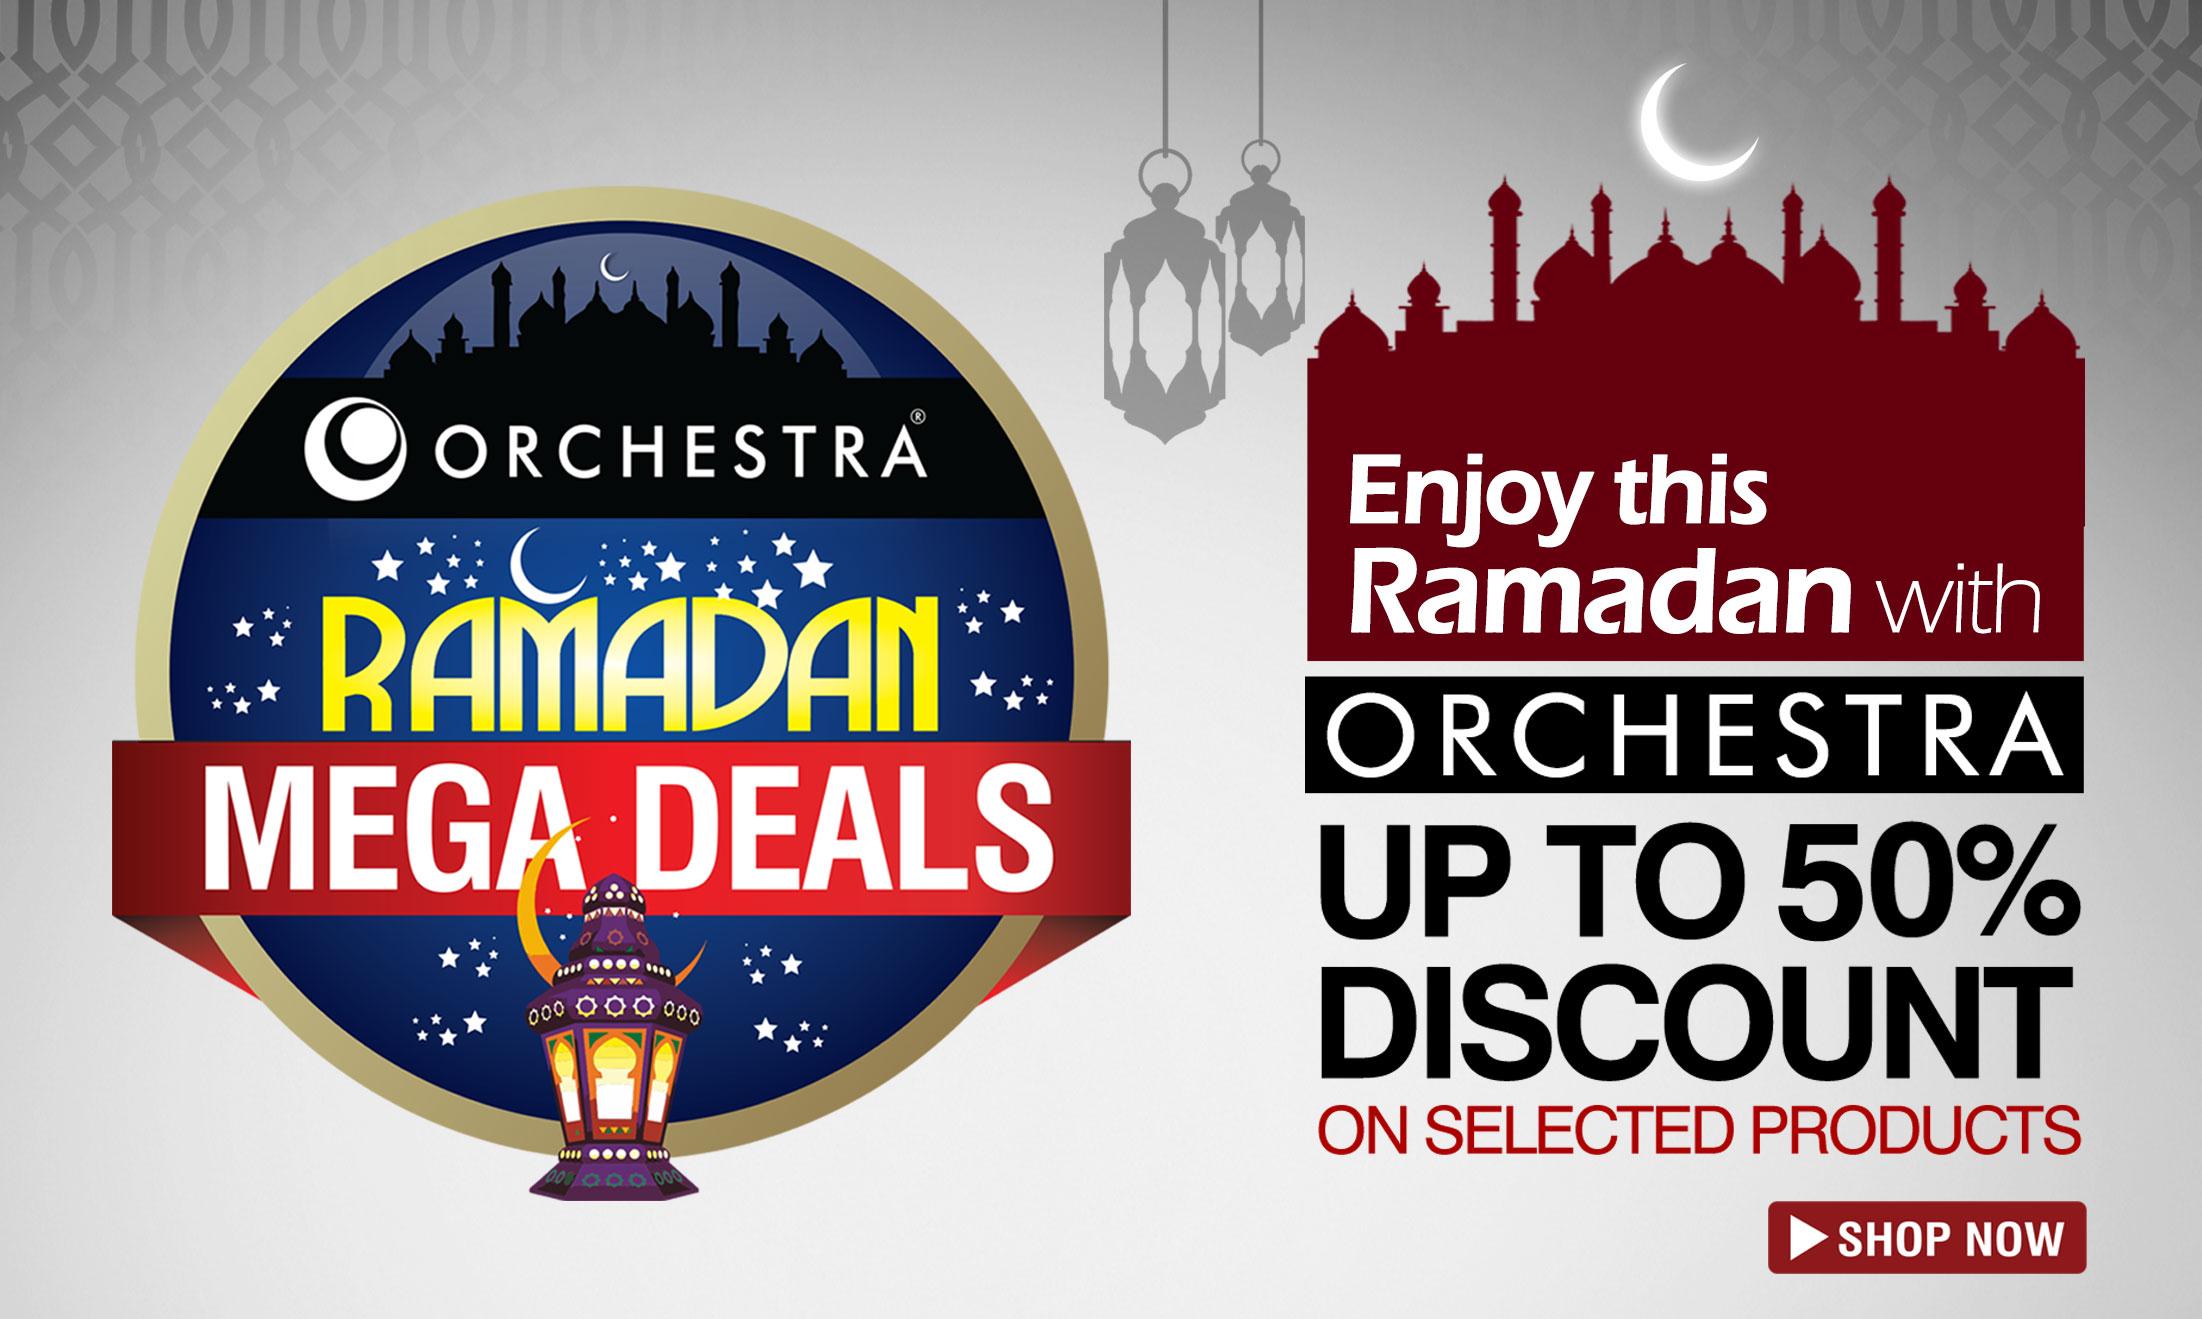 Ramadan Mega Deals